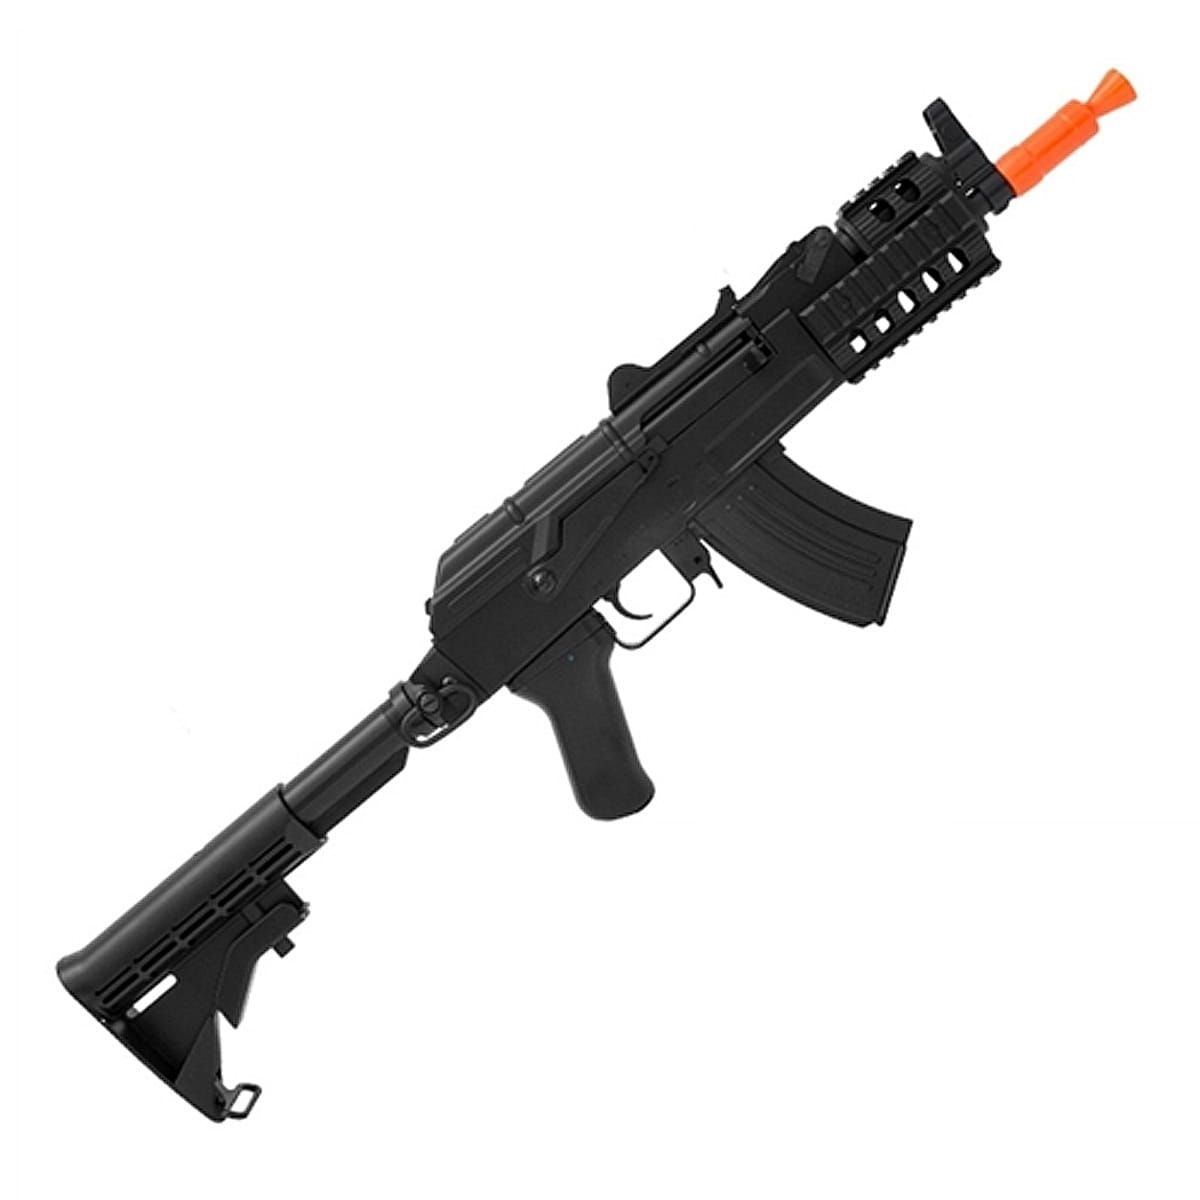 Rifle Airsoft Ak 47 Beta Spetsnaz Cqb Cm521c - 6mm - Cyma